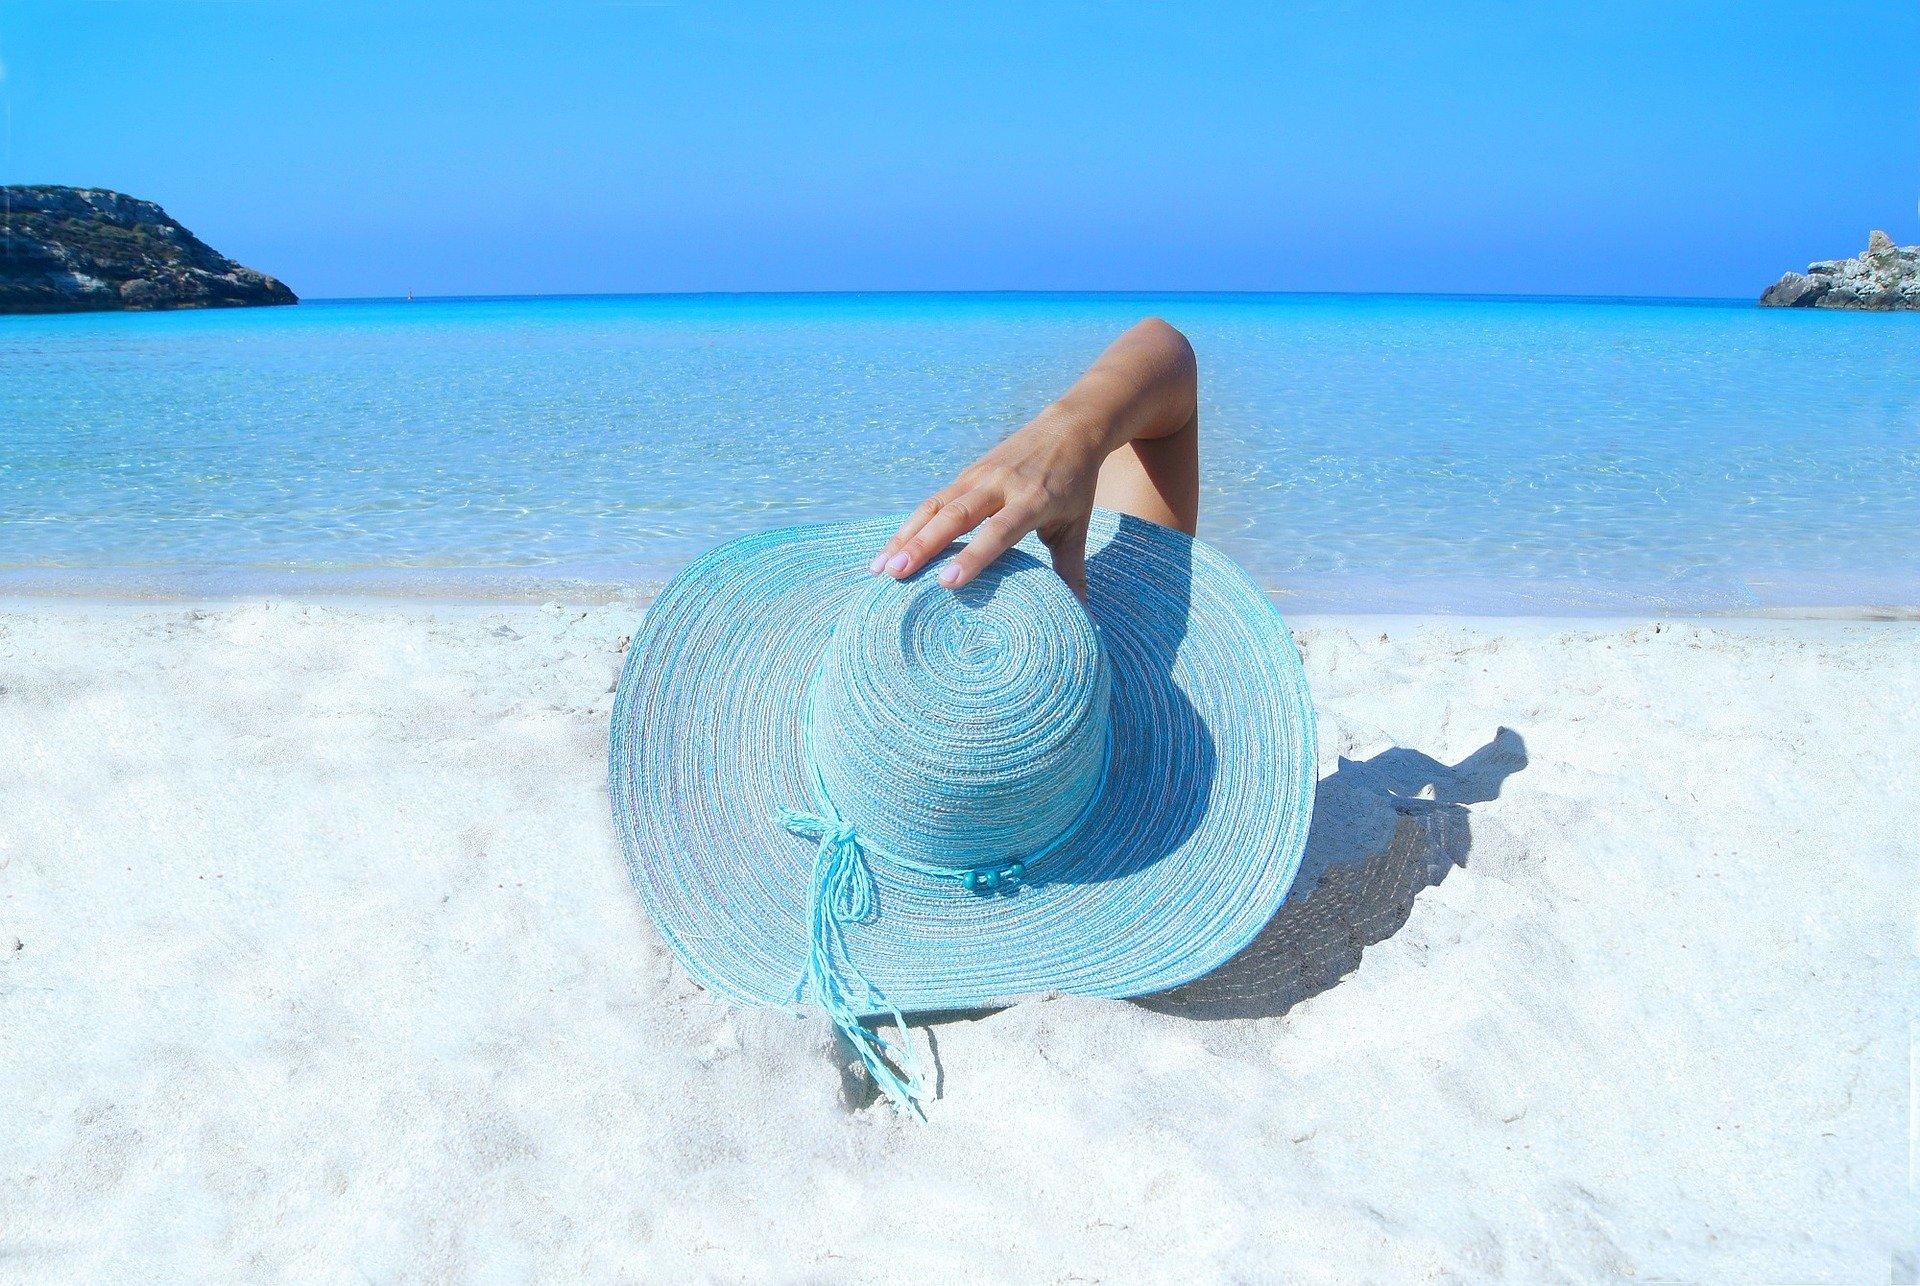 Grecja lato 2020 Pabianice – Dlaczego warto spędzić tam urlop?